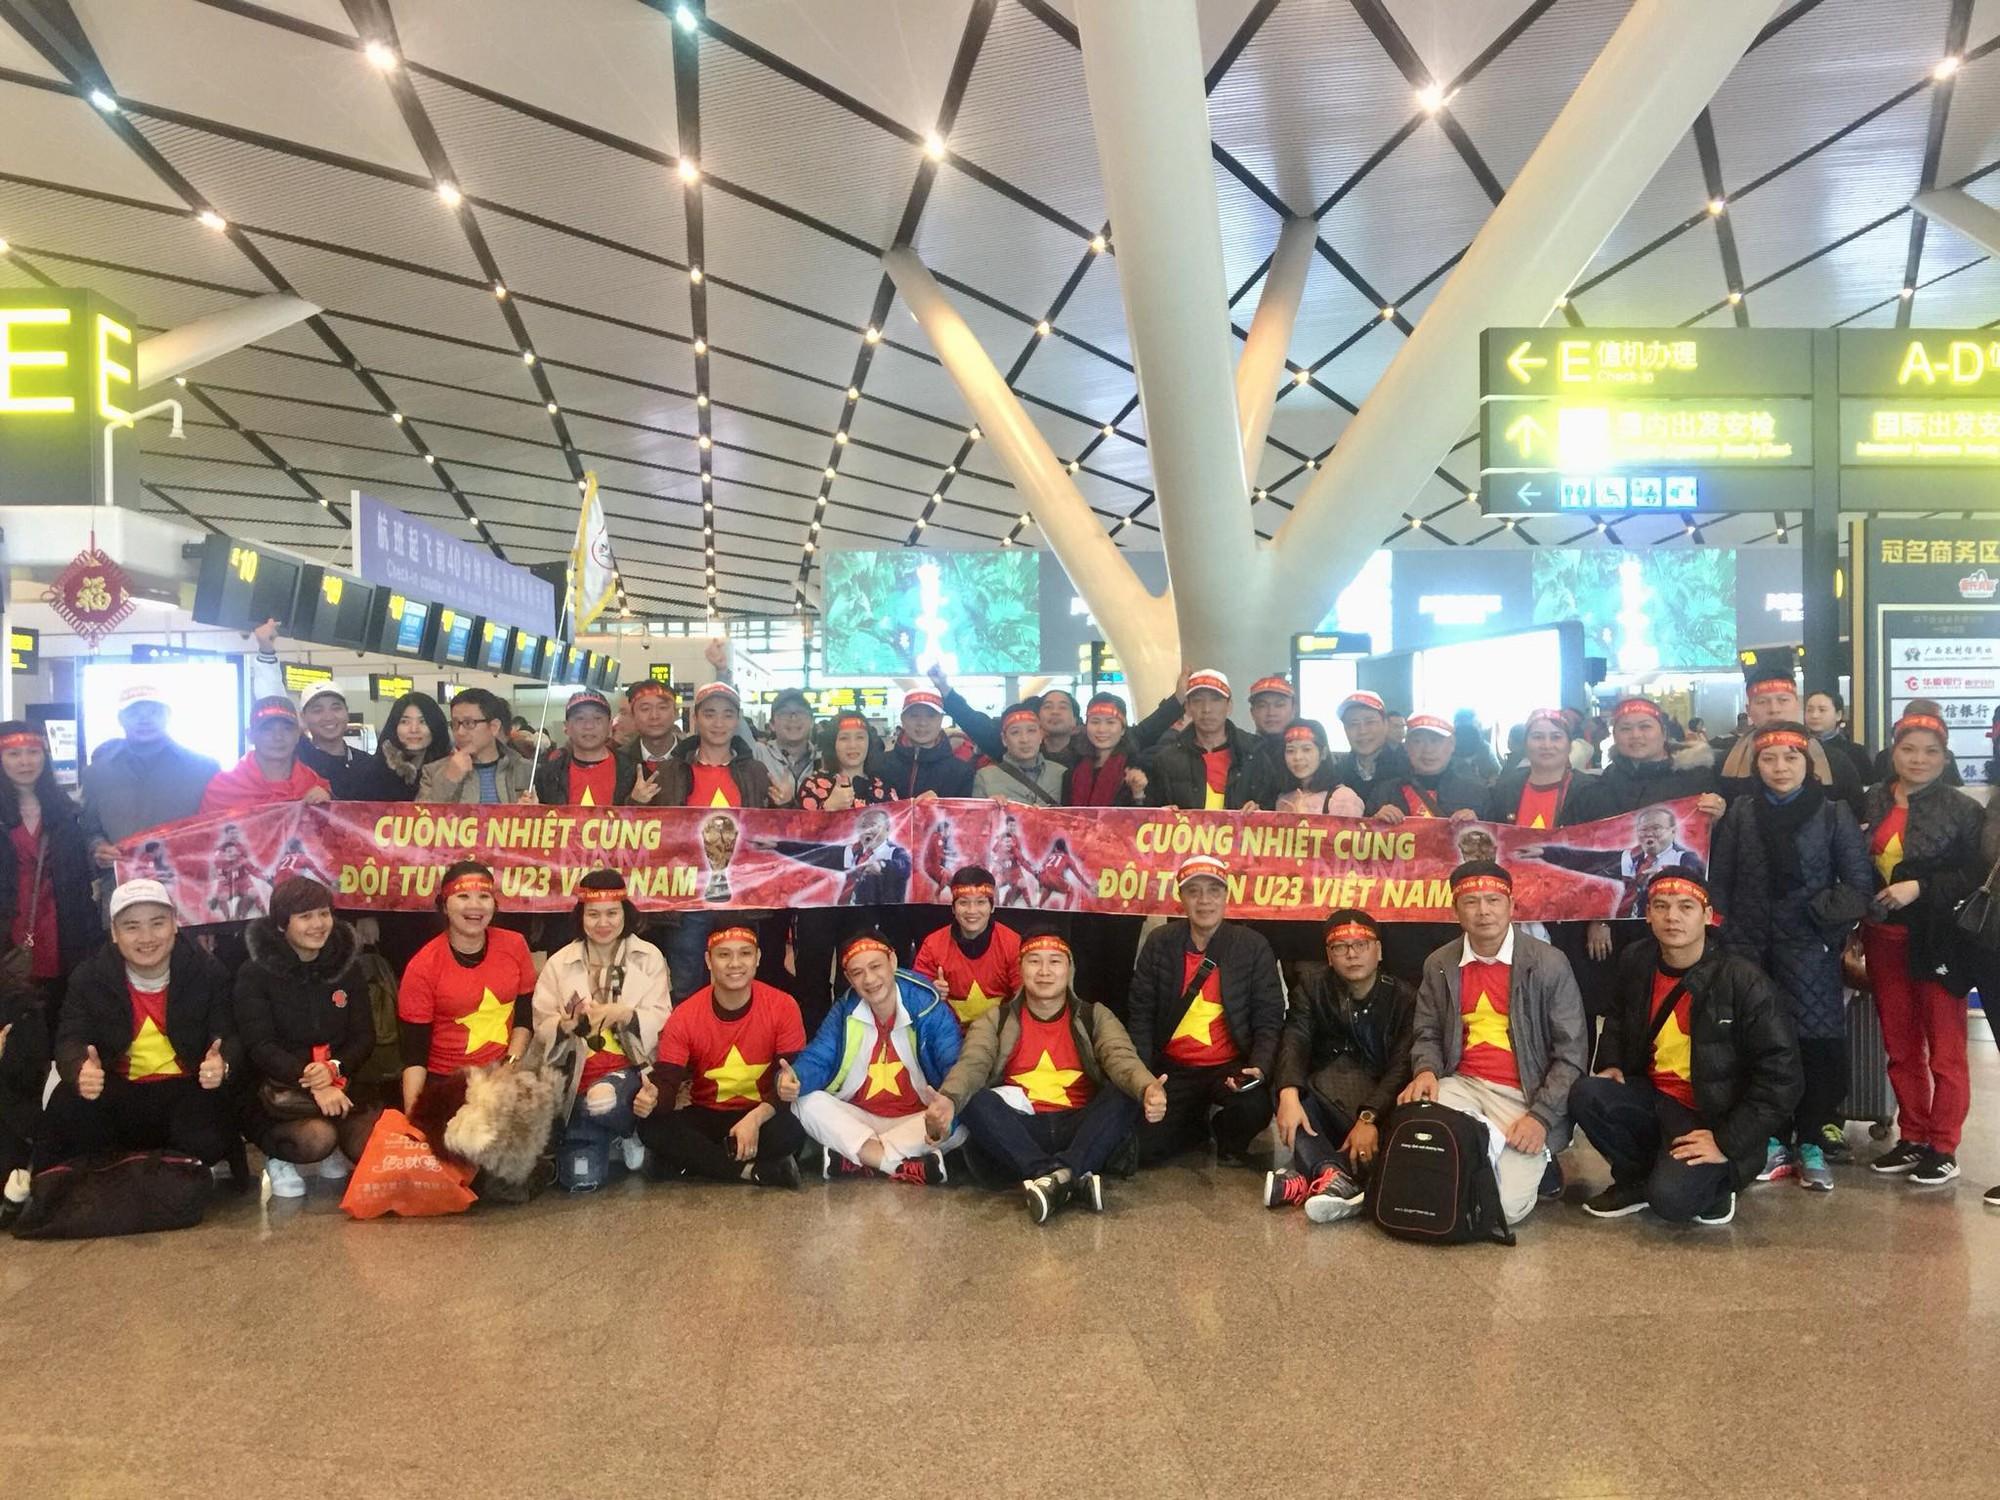 Được biết giá dịch vụ làm visa, giá tour sang Trung Quốc thời điểm này không hề rẻ nhưng nhiều người vẫn sẵn sàng chi nhiều tiền để được cháy hết mình trên khán đài cùng các cầu thủ U23 Việt Nam.